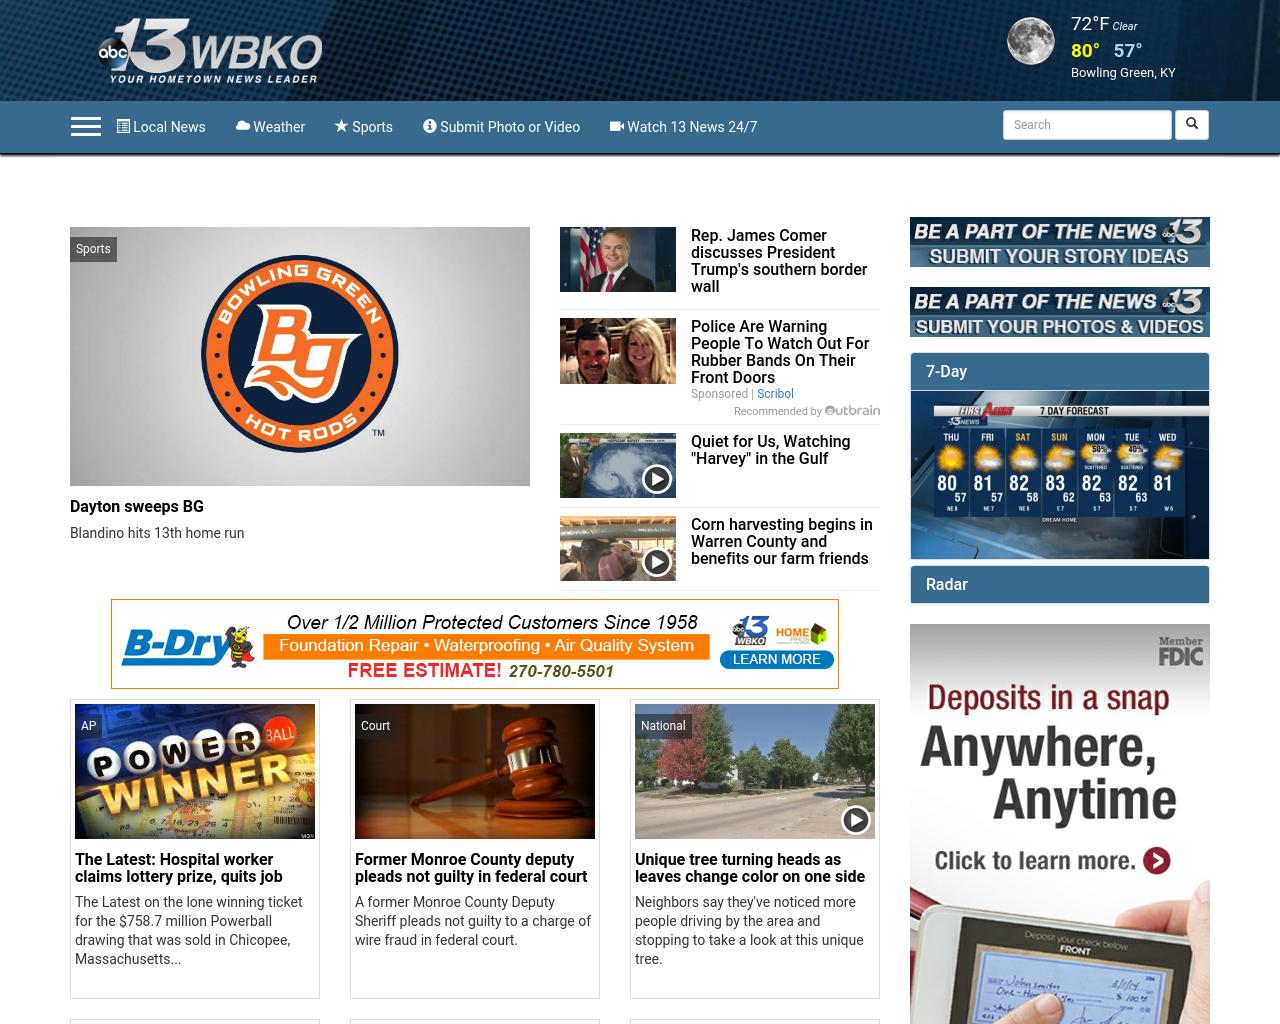 Wbko-Advertising-Reviews-Pricing